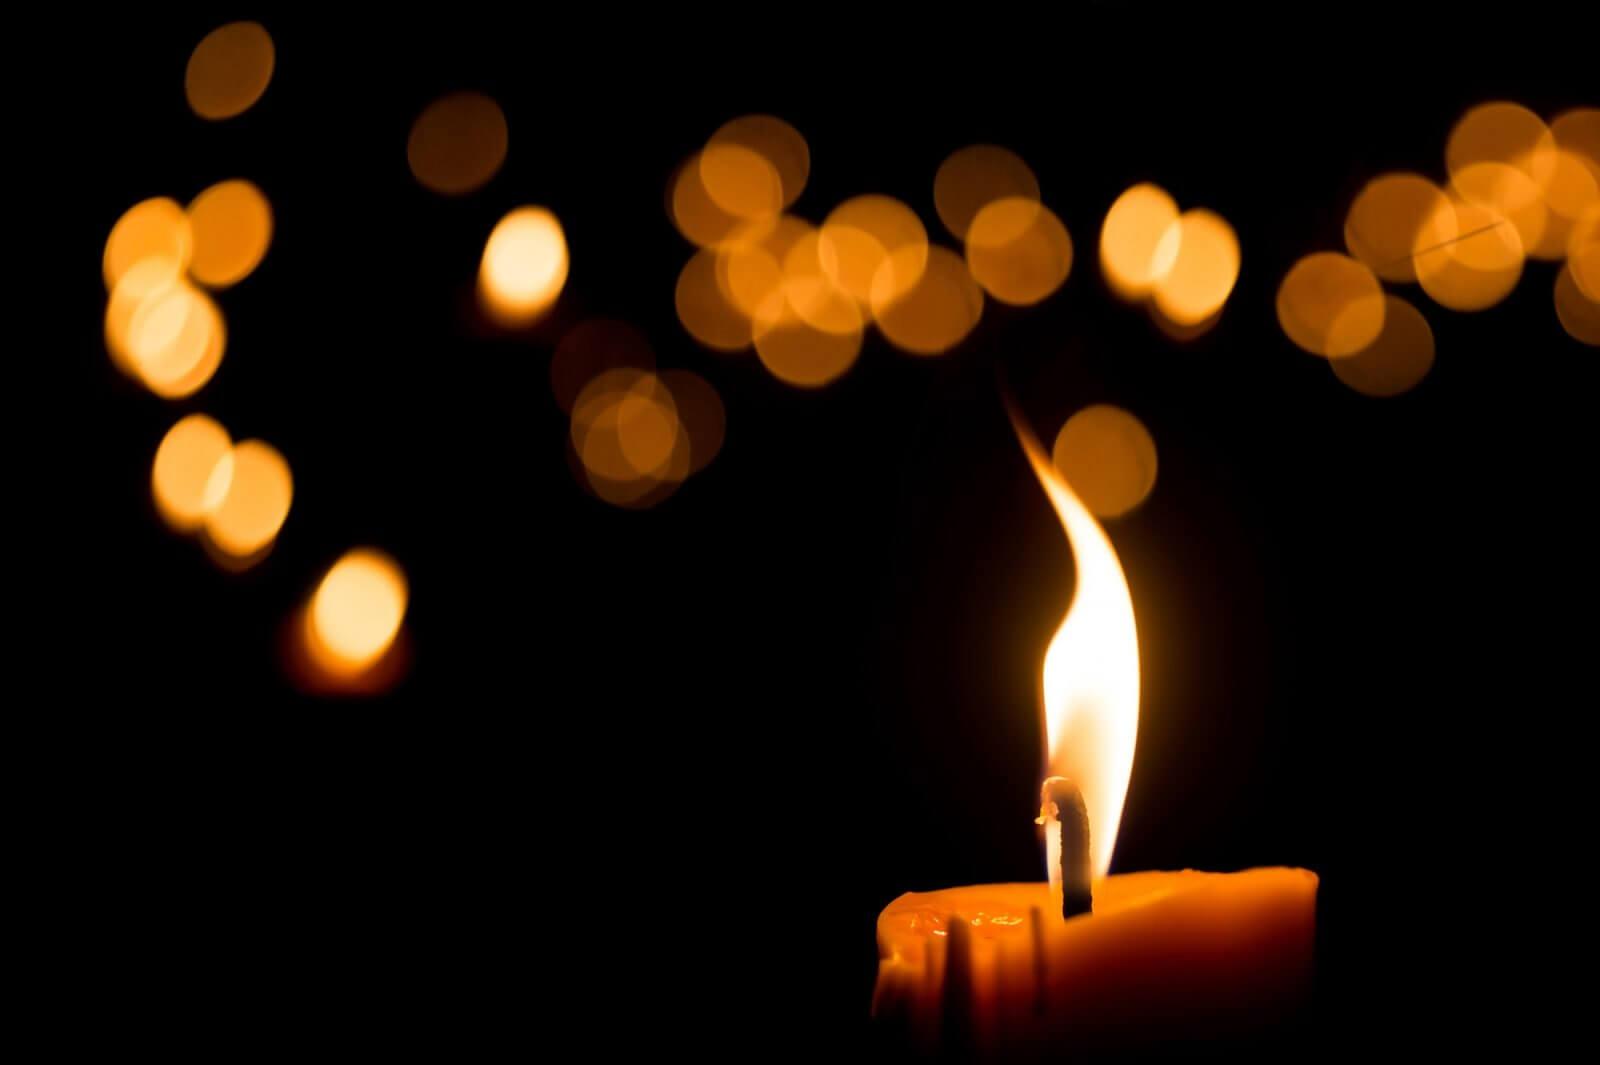 La llama de la vela. Efectos